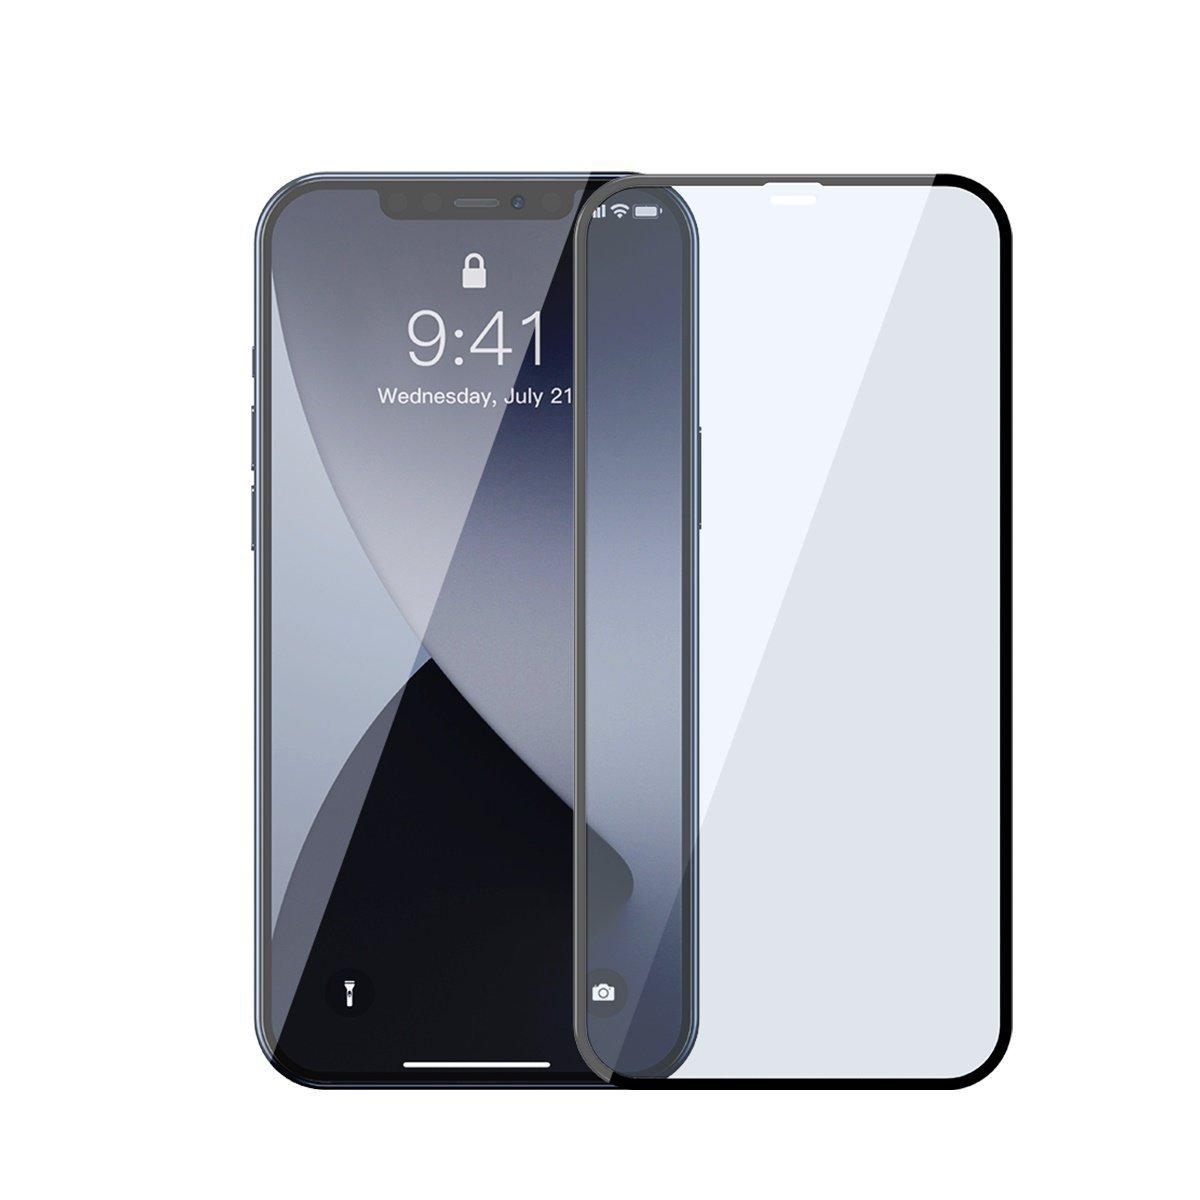 Pachet 2 folii de sticla pentru iPhone 12 / 12 Pro, Baseus, Margini negre, Filtru lumina albastra imagine